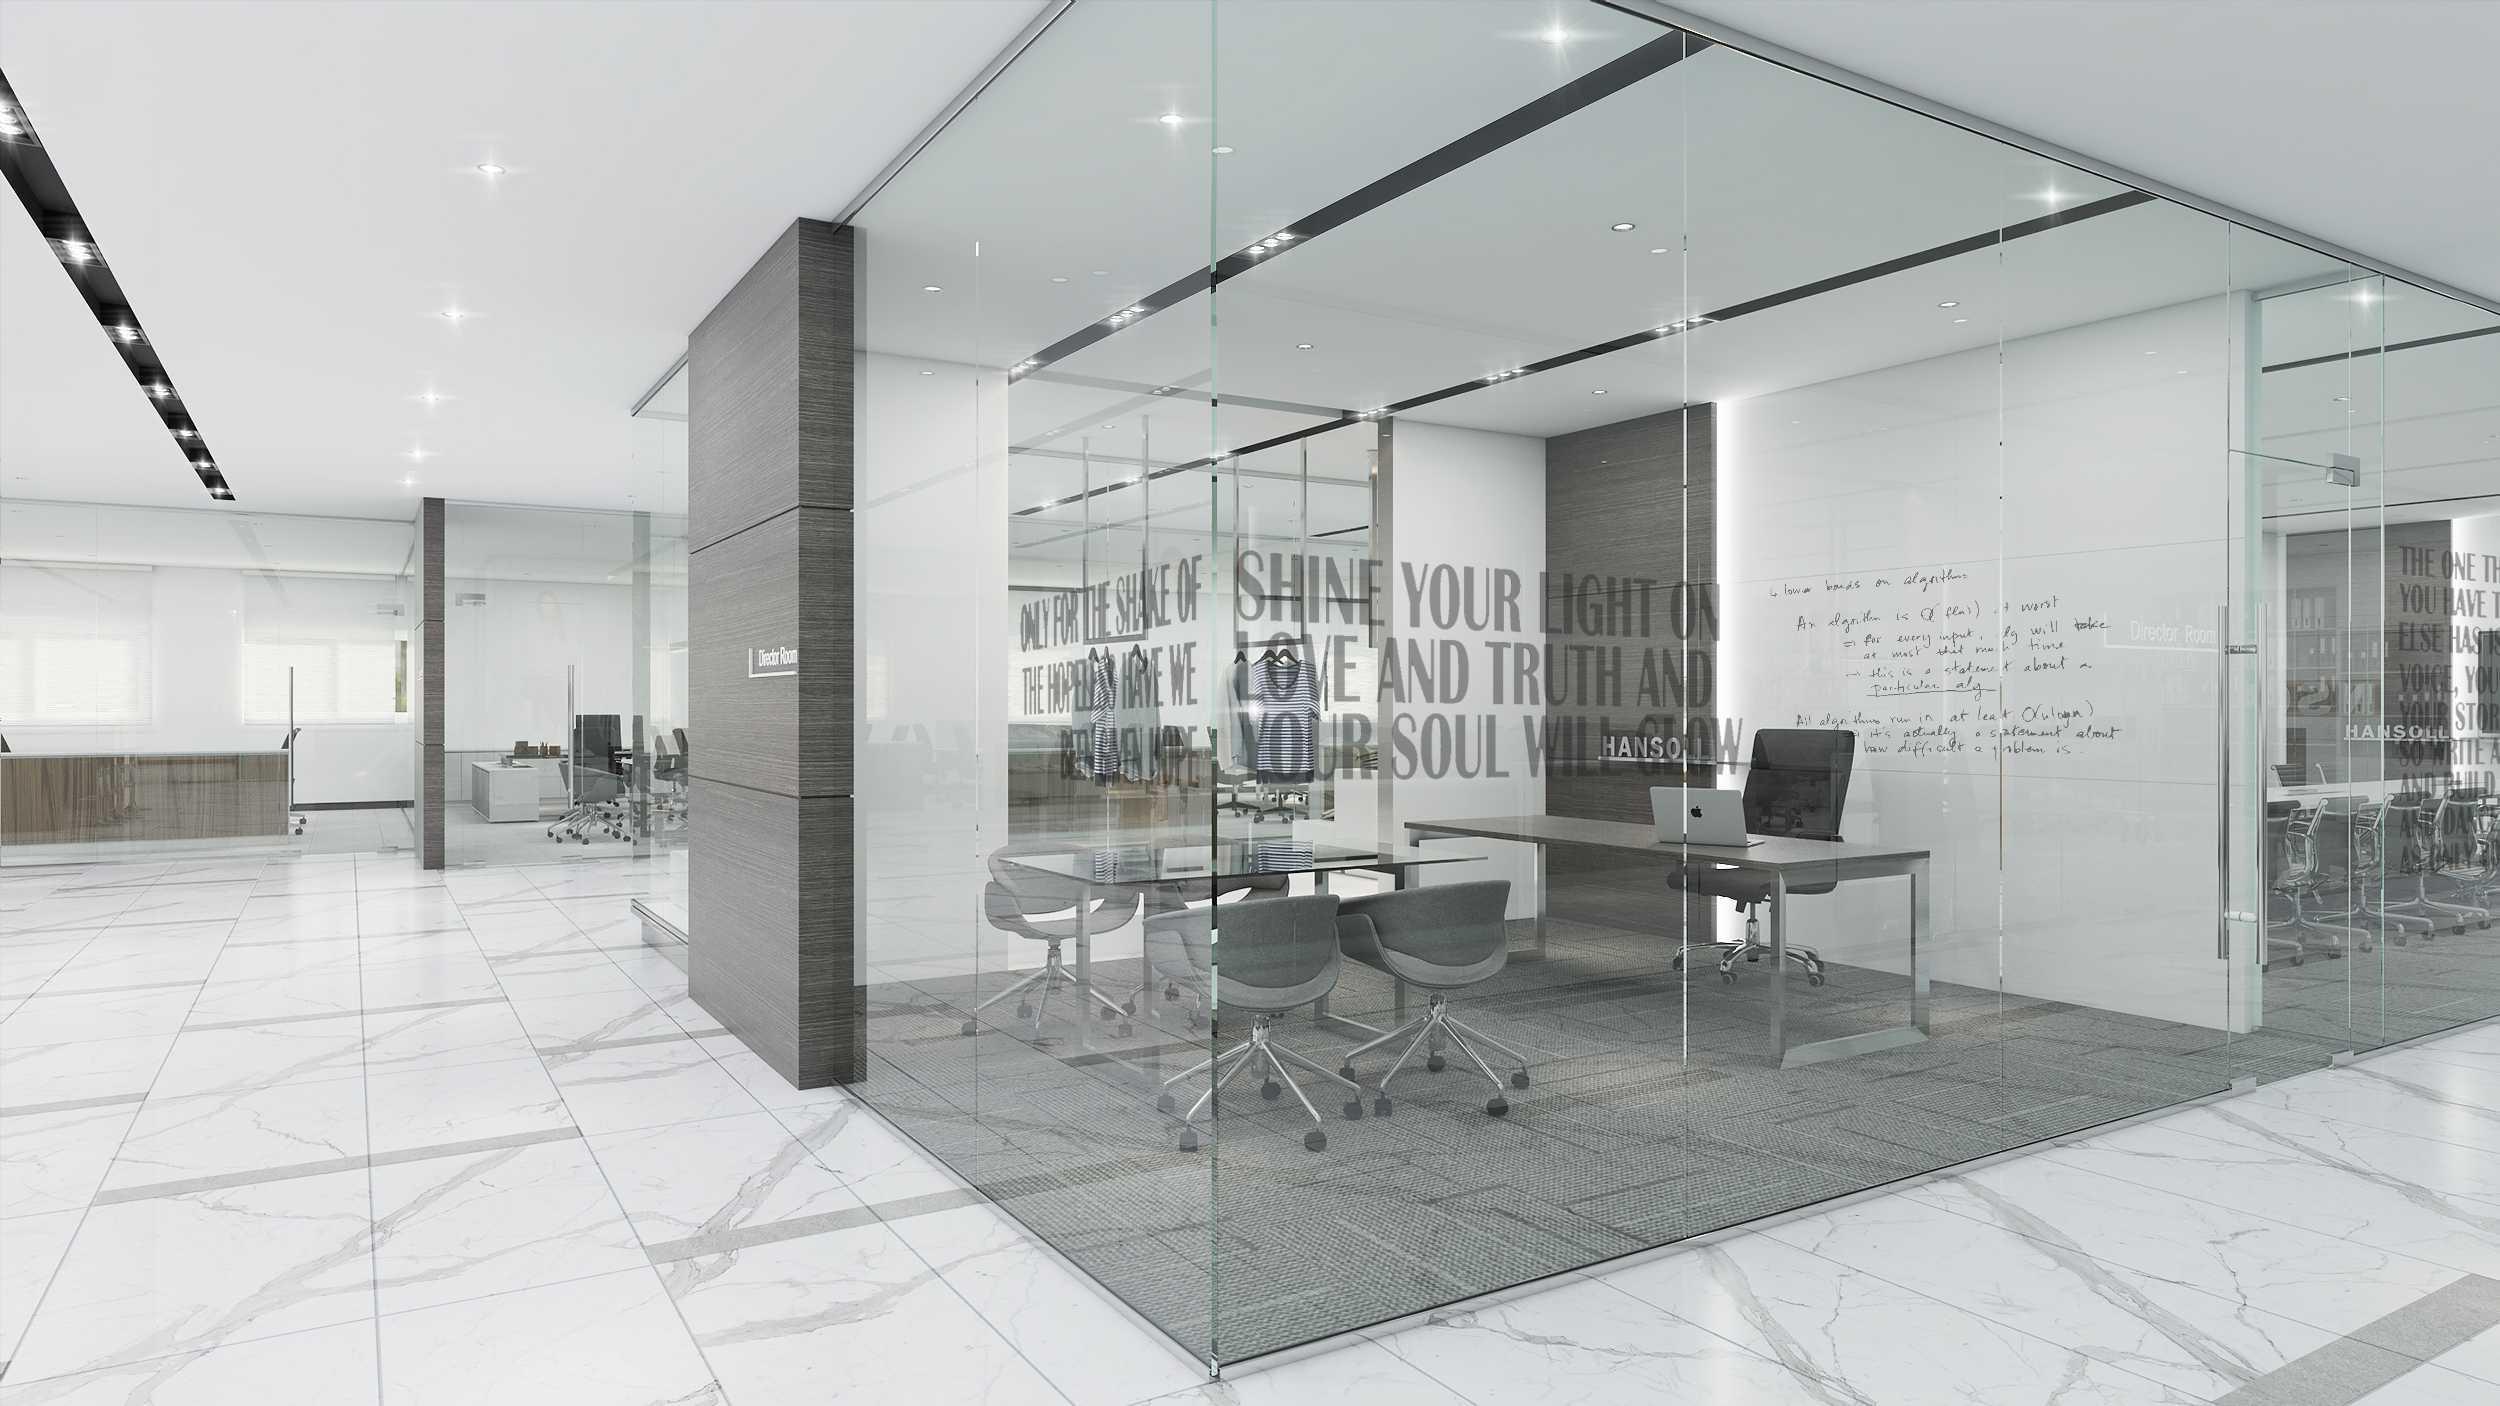 Atelier Vasturuang Pcc Office Kec. Cikupa, Tangerang, Banten, Indonesia Kec. Cikupa, Tangerang, Banten, Indonesia Atelier-Vasturuang-Pcc-Office   84389